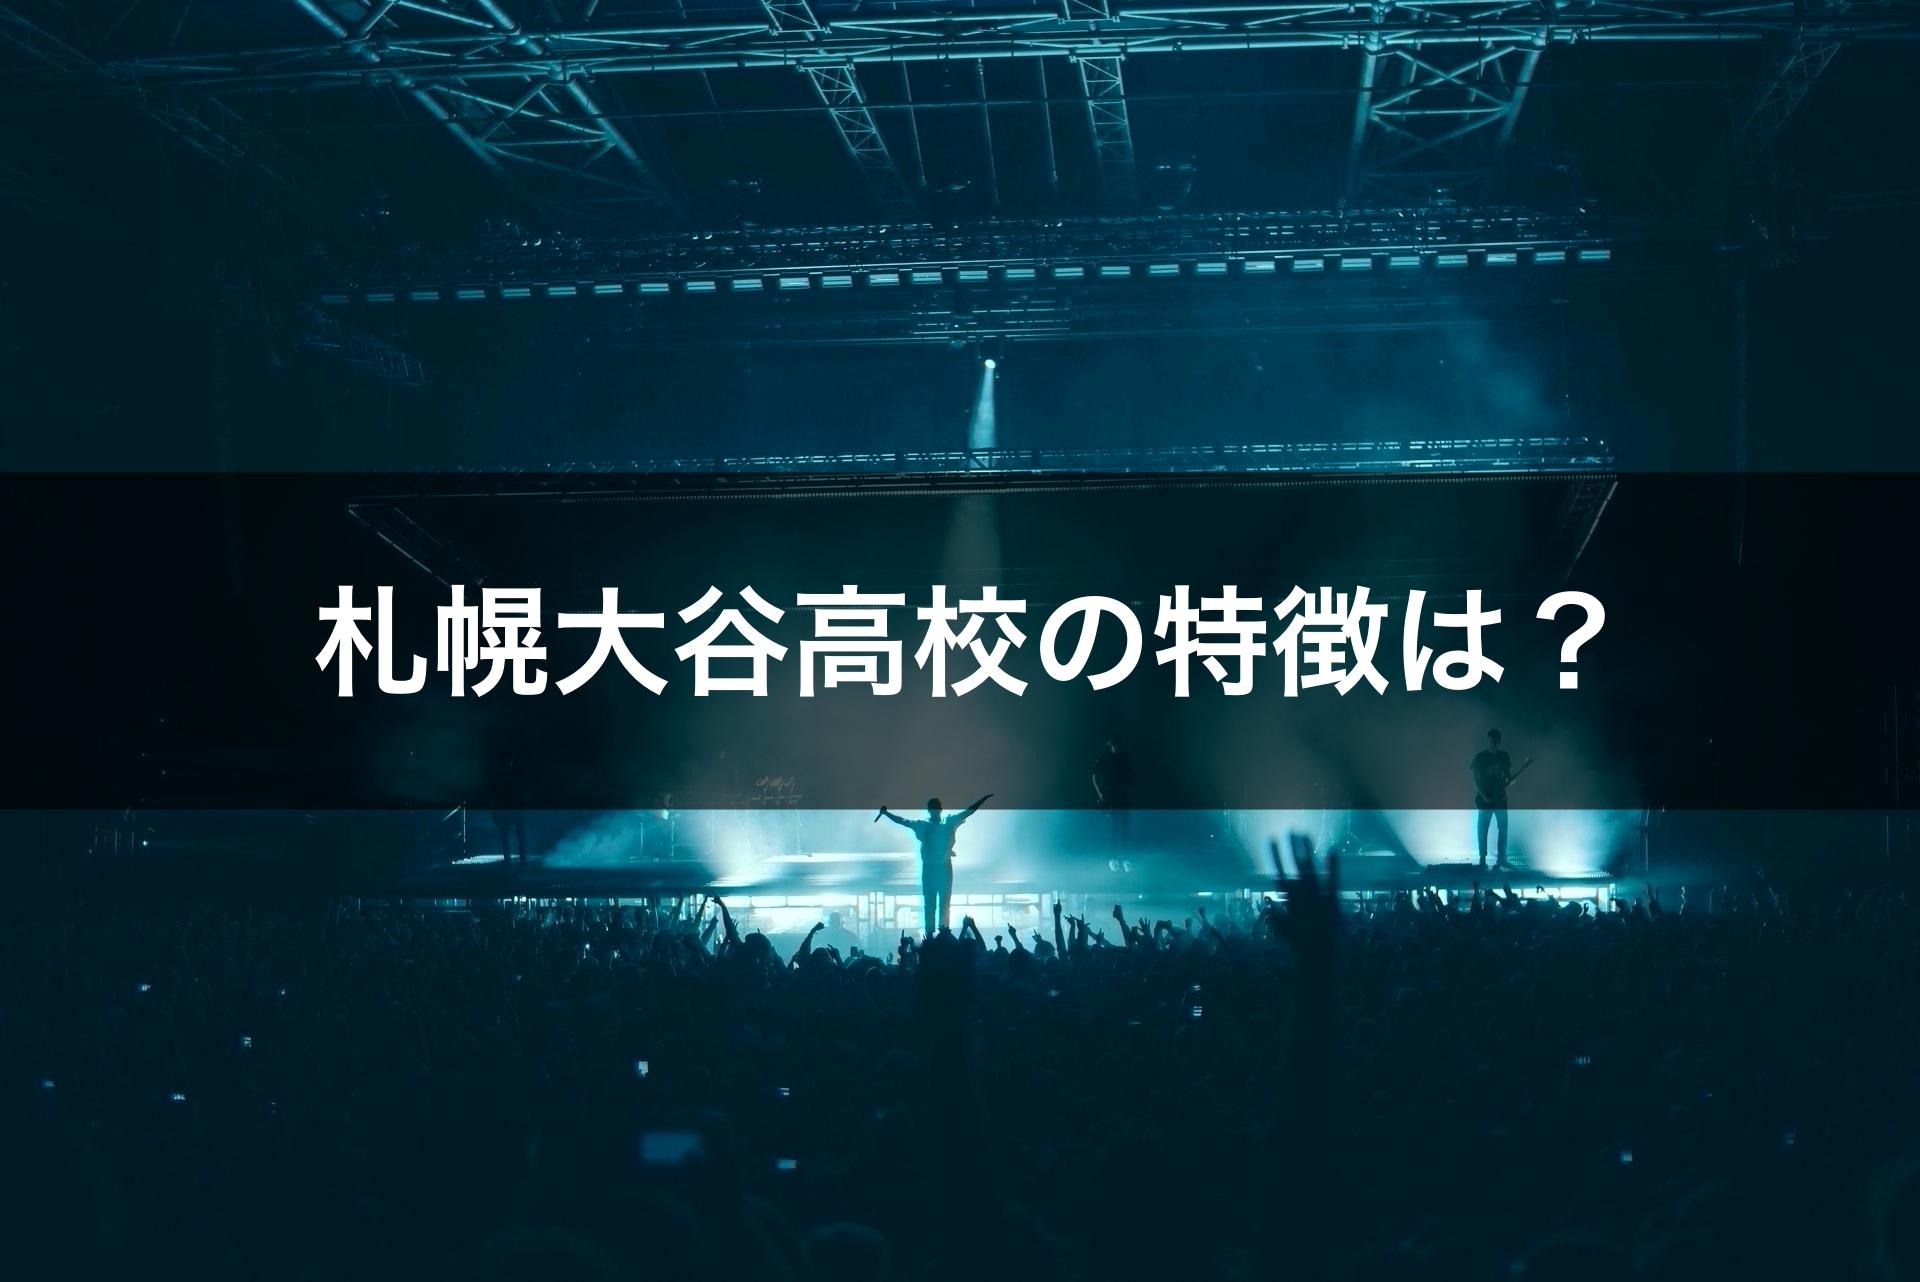 札幌大谷高校の特徴は?